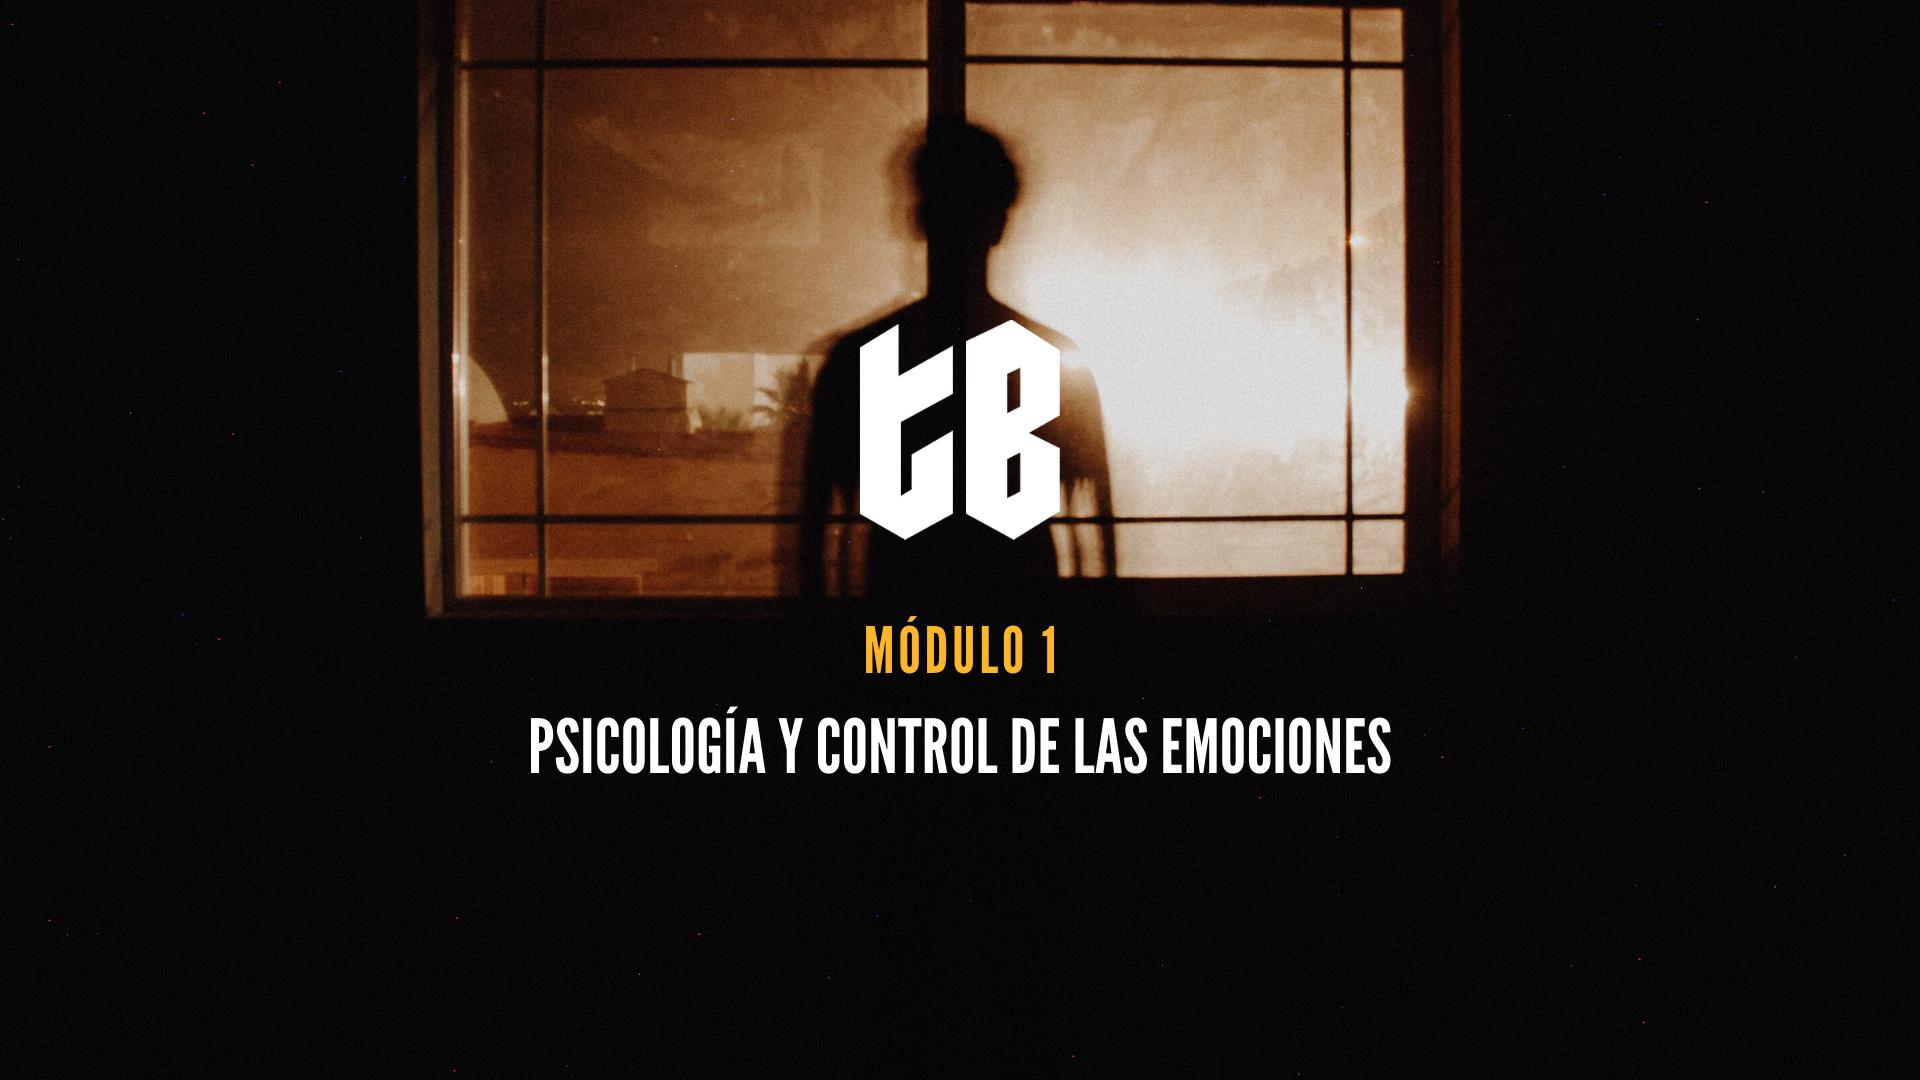 Módulo 1 - Psicología y Control de las Emociones